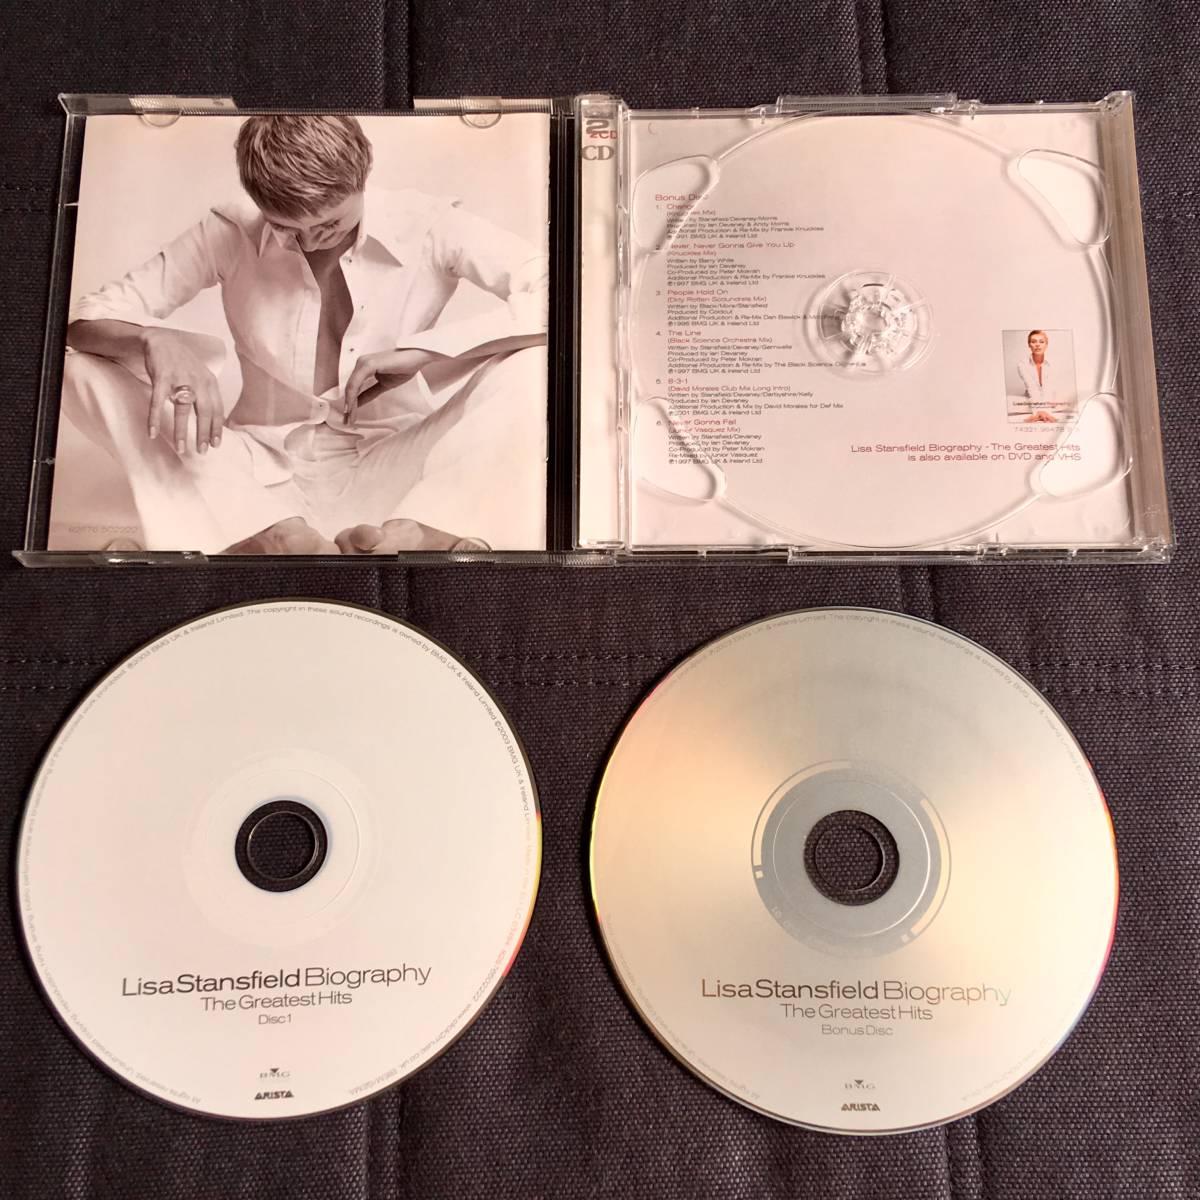 ベスト盤■リサ・スタンスフィールド[Lisa Stansfield Biography~The Greatest Hits]ボーナスCD付/FrankieKnuckles/COLDCUT/JuniorVasquez_画像2